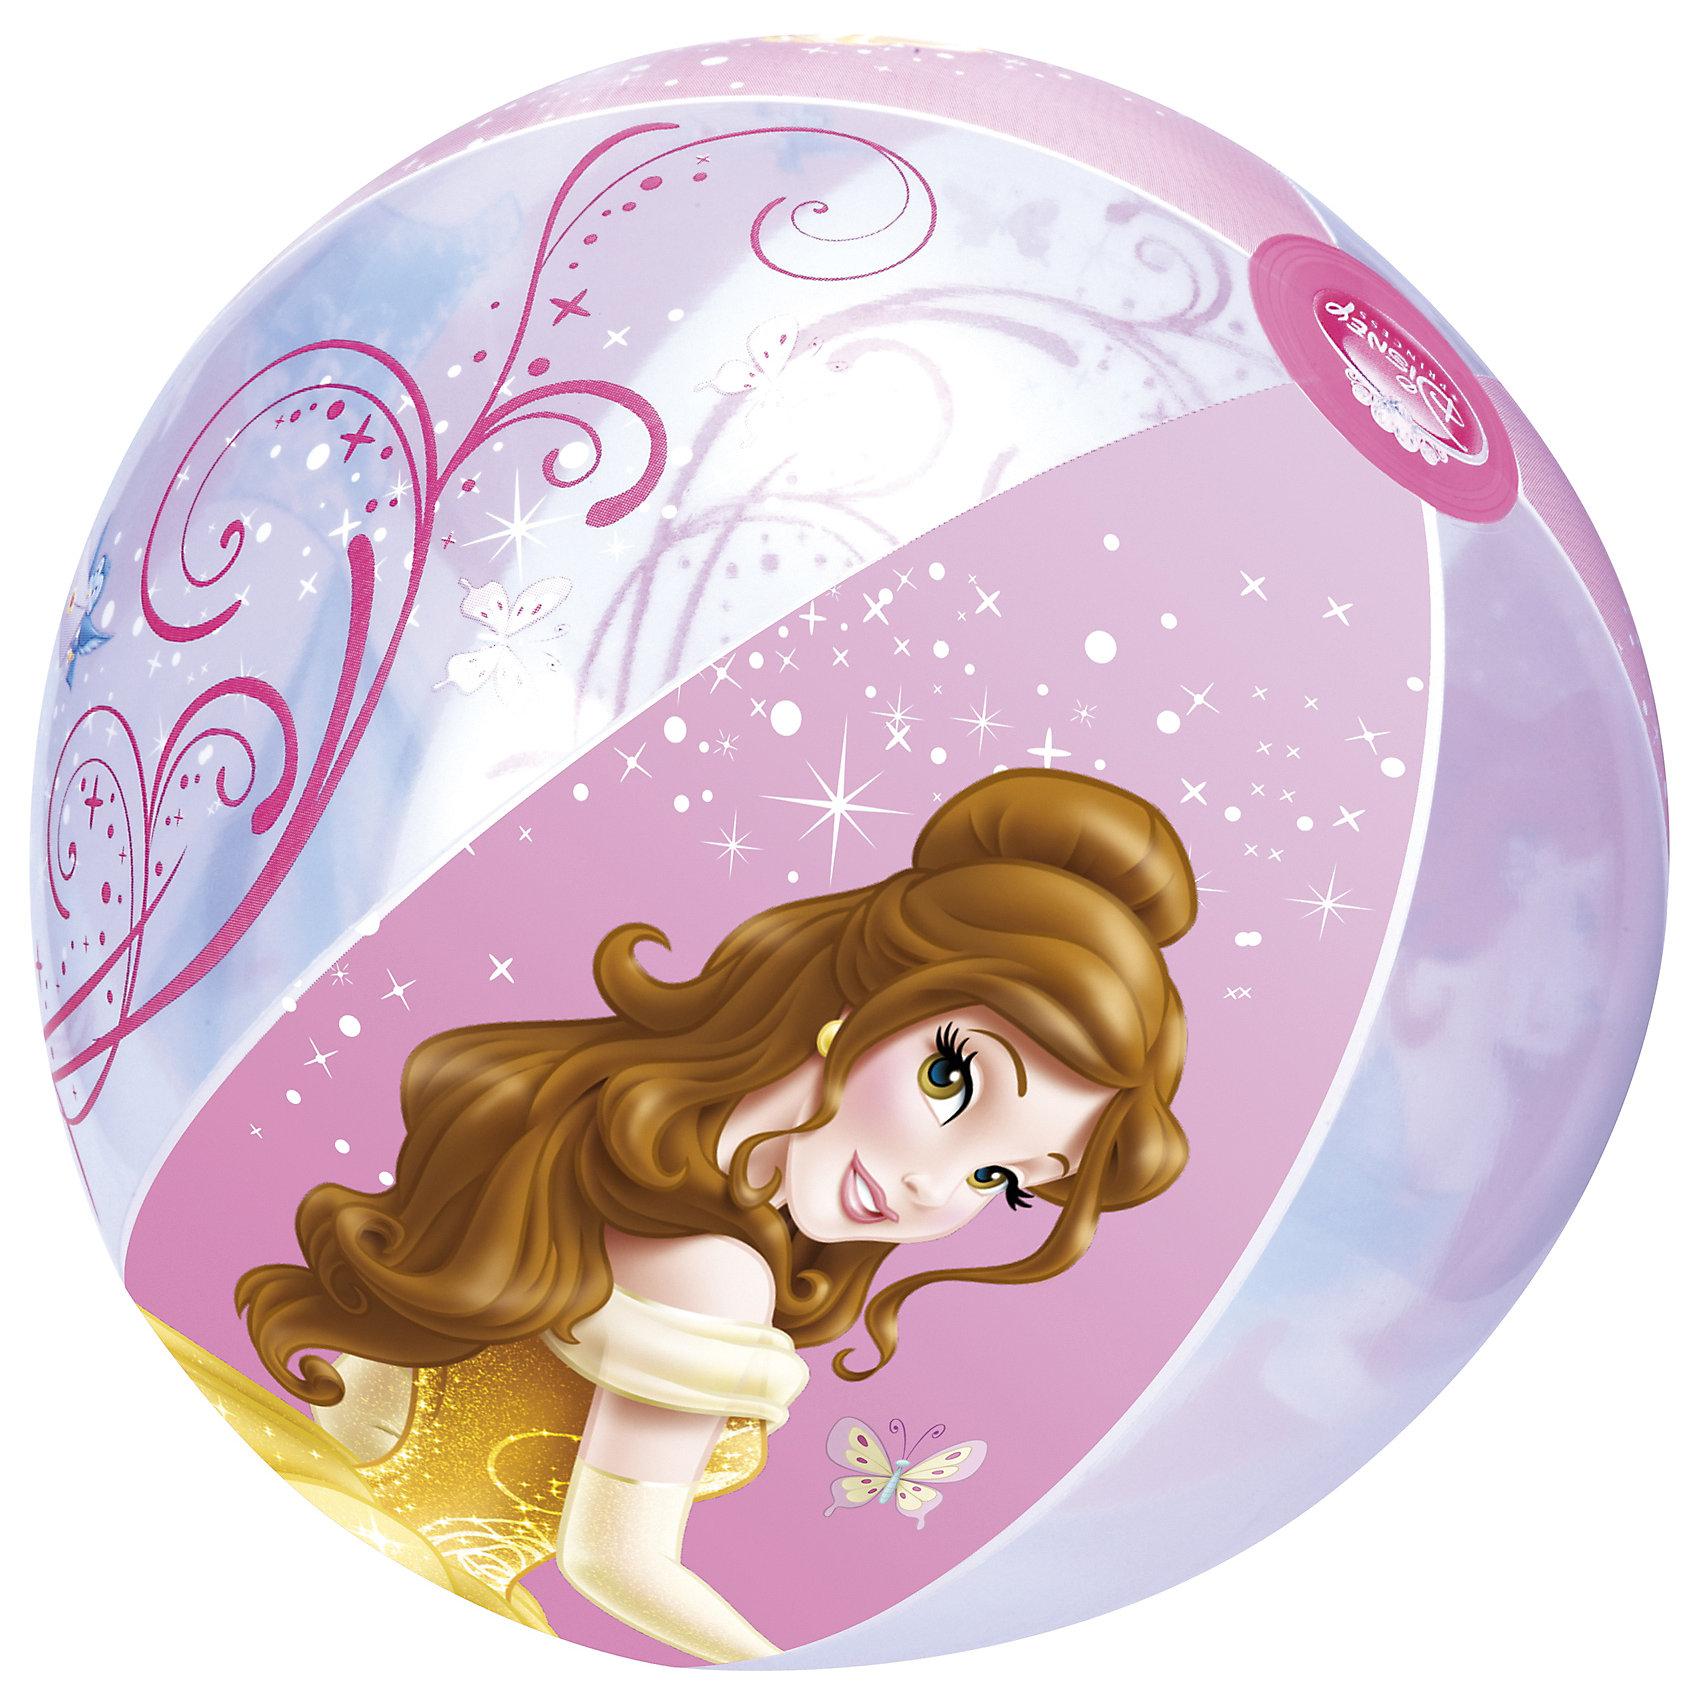 Надувной мяч, Disney Princess, 51 см, BestwayПляжные мячи<br>Надувной мяч, Disney Princess, 51 см, Bestway (Бествей)<br><br>Характеристики:<br><br>• подходит для игр в воде и на суше<br>• легкий и удобный<br>• яркий дизайн<br>• диаметр мяча: 51 см<br>• размер упаковки: 19х12х2,5 см<br>• материал: ПВХ<br>• вес: 131 грамм<br><br>С надувным мячом кроха сможет придумать самые интересные игры! Мяч подходит для использования в воде и на суше. Он изготовлен из прочного поливинилхлорида, устойчивого к воде и солнечным лучам. Поверхность мяча покрыта красочным изображением с полюбившимися героями мультфильмов Дисней. Игра с мячом поможет укрепить организм и подарит много радостных впечатлений!<br><br>Надувной мяч, Disney Princess, 51 см, Bestway (Бествей) можно купить в нашем интернет-магазине.<br><br>Ширина мм: 360<br>Глубина мм: 290<br>Высота мм: 260<br>Вес г: 131<br>Возраст от месяцев: 24<br>Возраст до месяцев: 2147483647<br>Пол: Женский<br>Возраст: Детский<br>SKU: 5486970